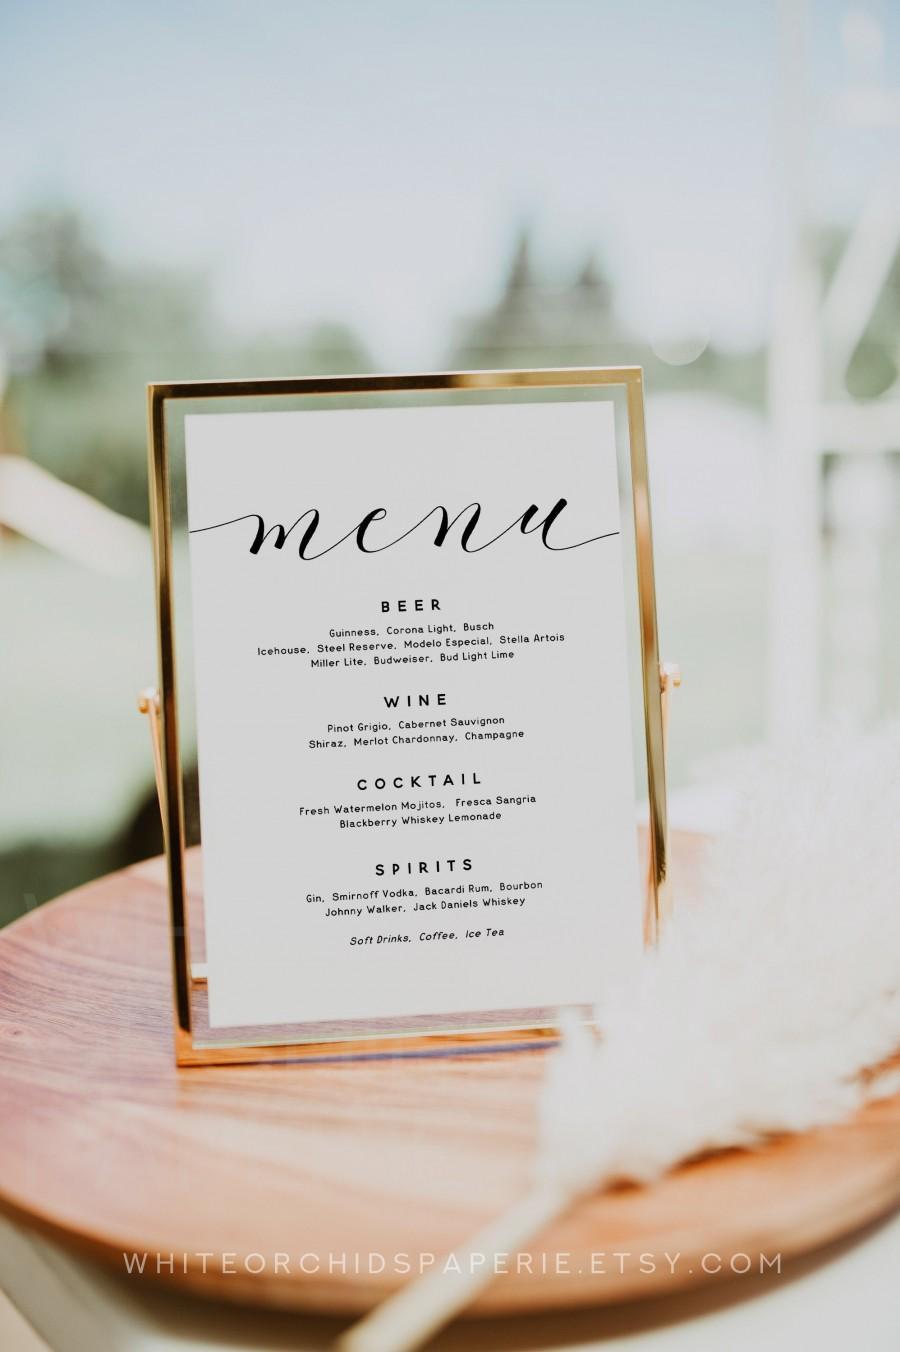 Wedding - Wedding Bar Menu, Wedding Bar Sign, Wedding Bar Menu Template, Wedding Bar Template, Wedding Bar Menu Printable, Cocktail Menu Sign, C01